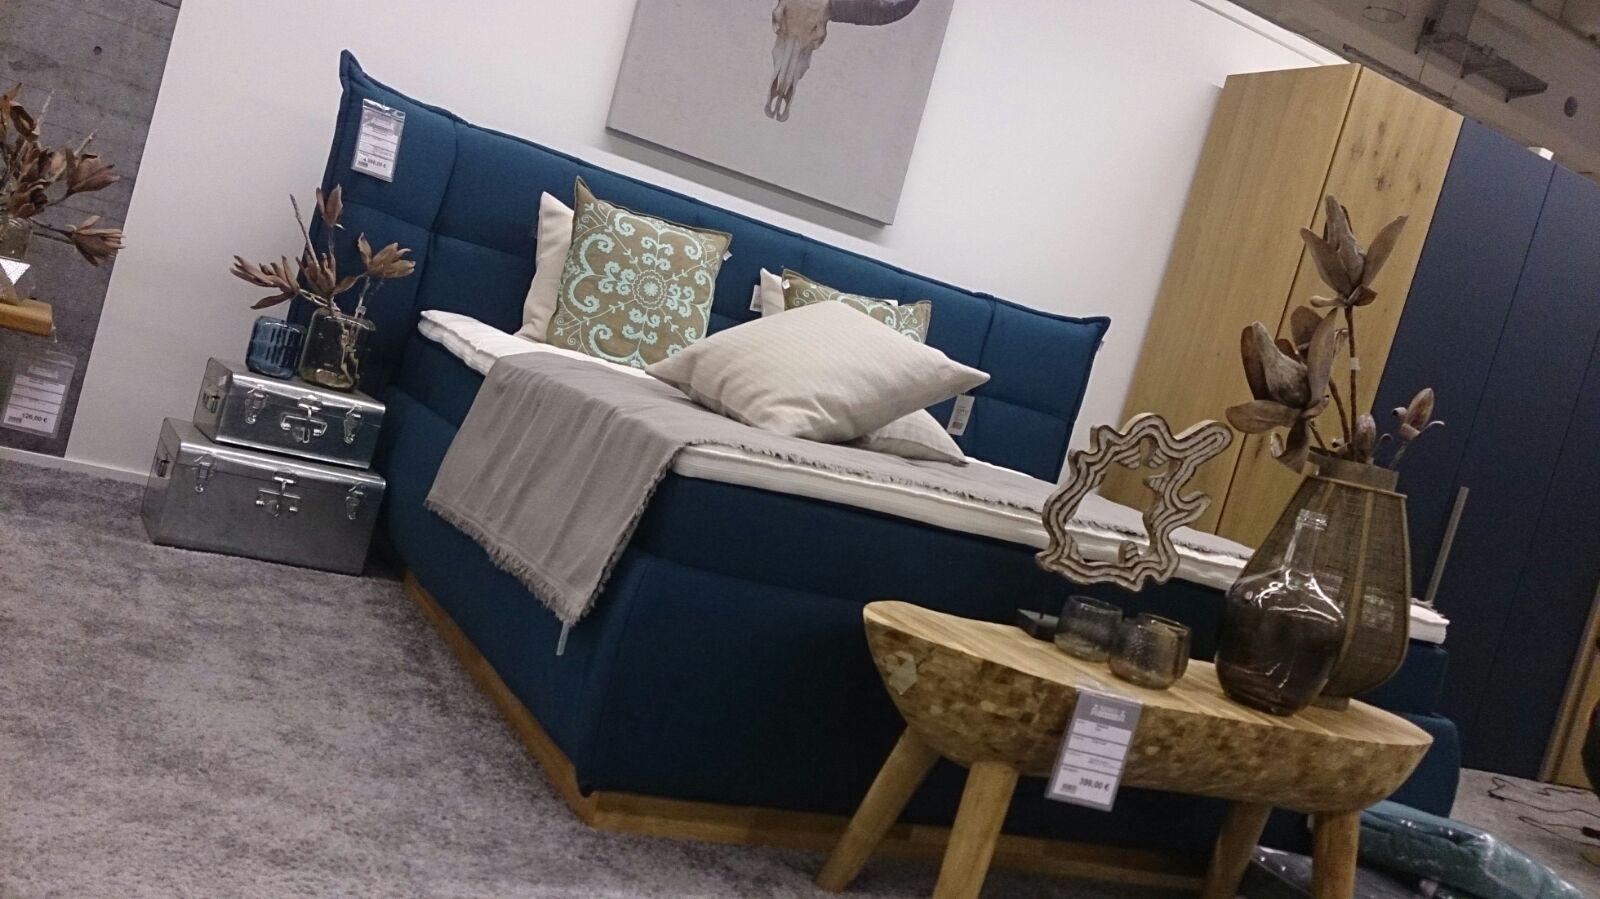 boxspringbetten was sollte ich beim kauf beachten radio potsdam willkommen zuhause. Black Bedroom Furniture Sets. Home Design Ideas